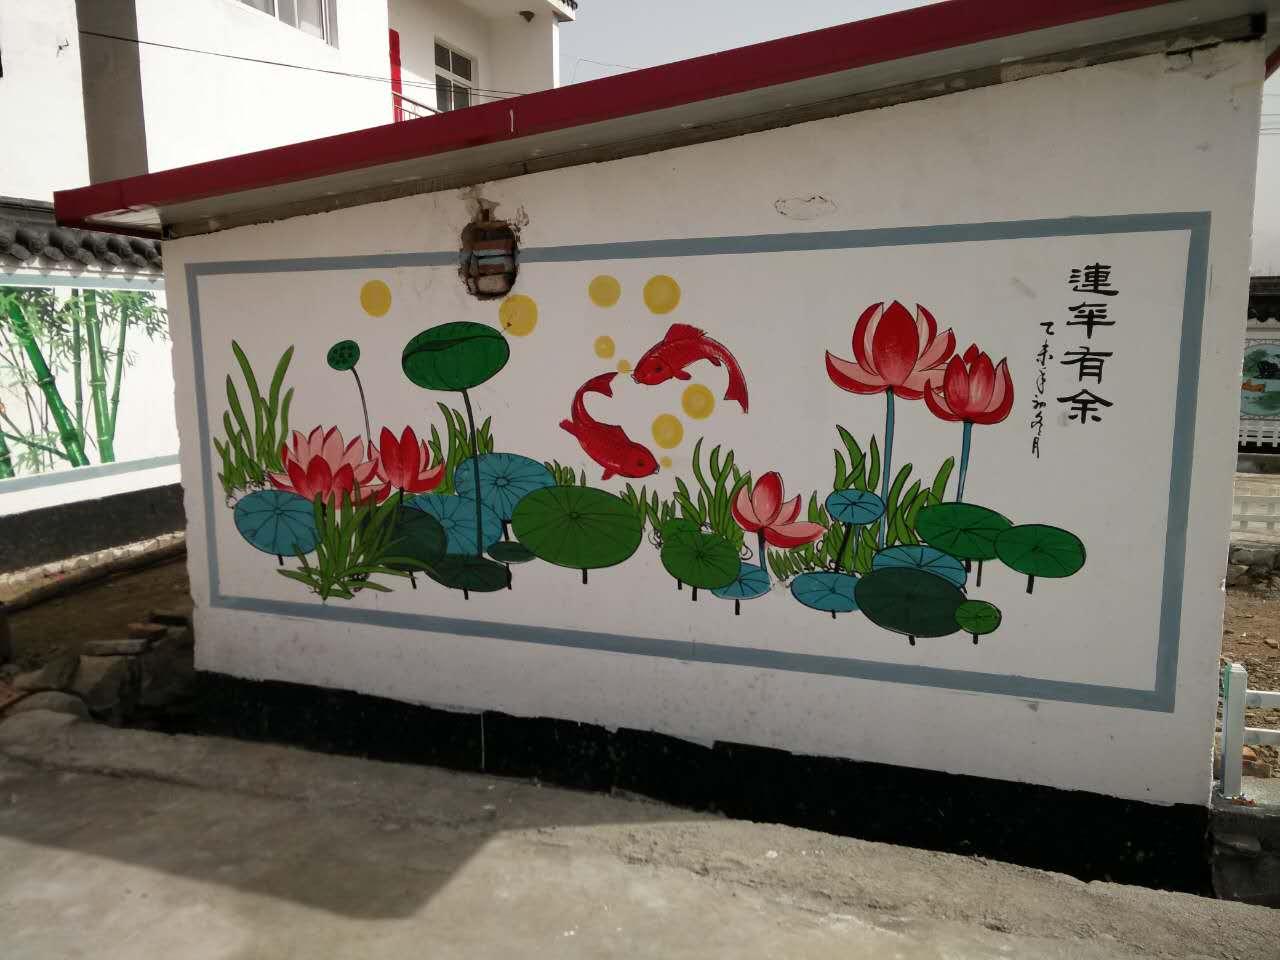 产品型号:    南阳市新野县幼儿园专业美化彩绘工程      在高楼